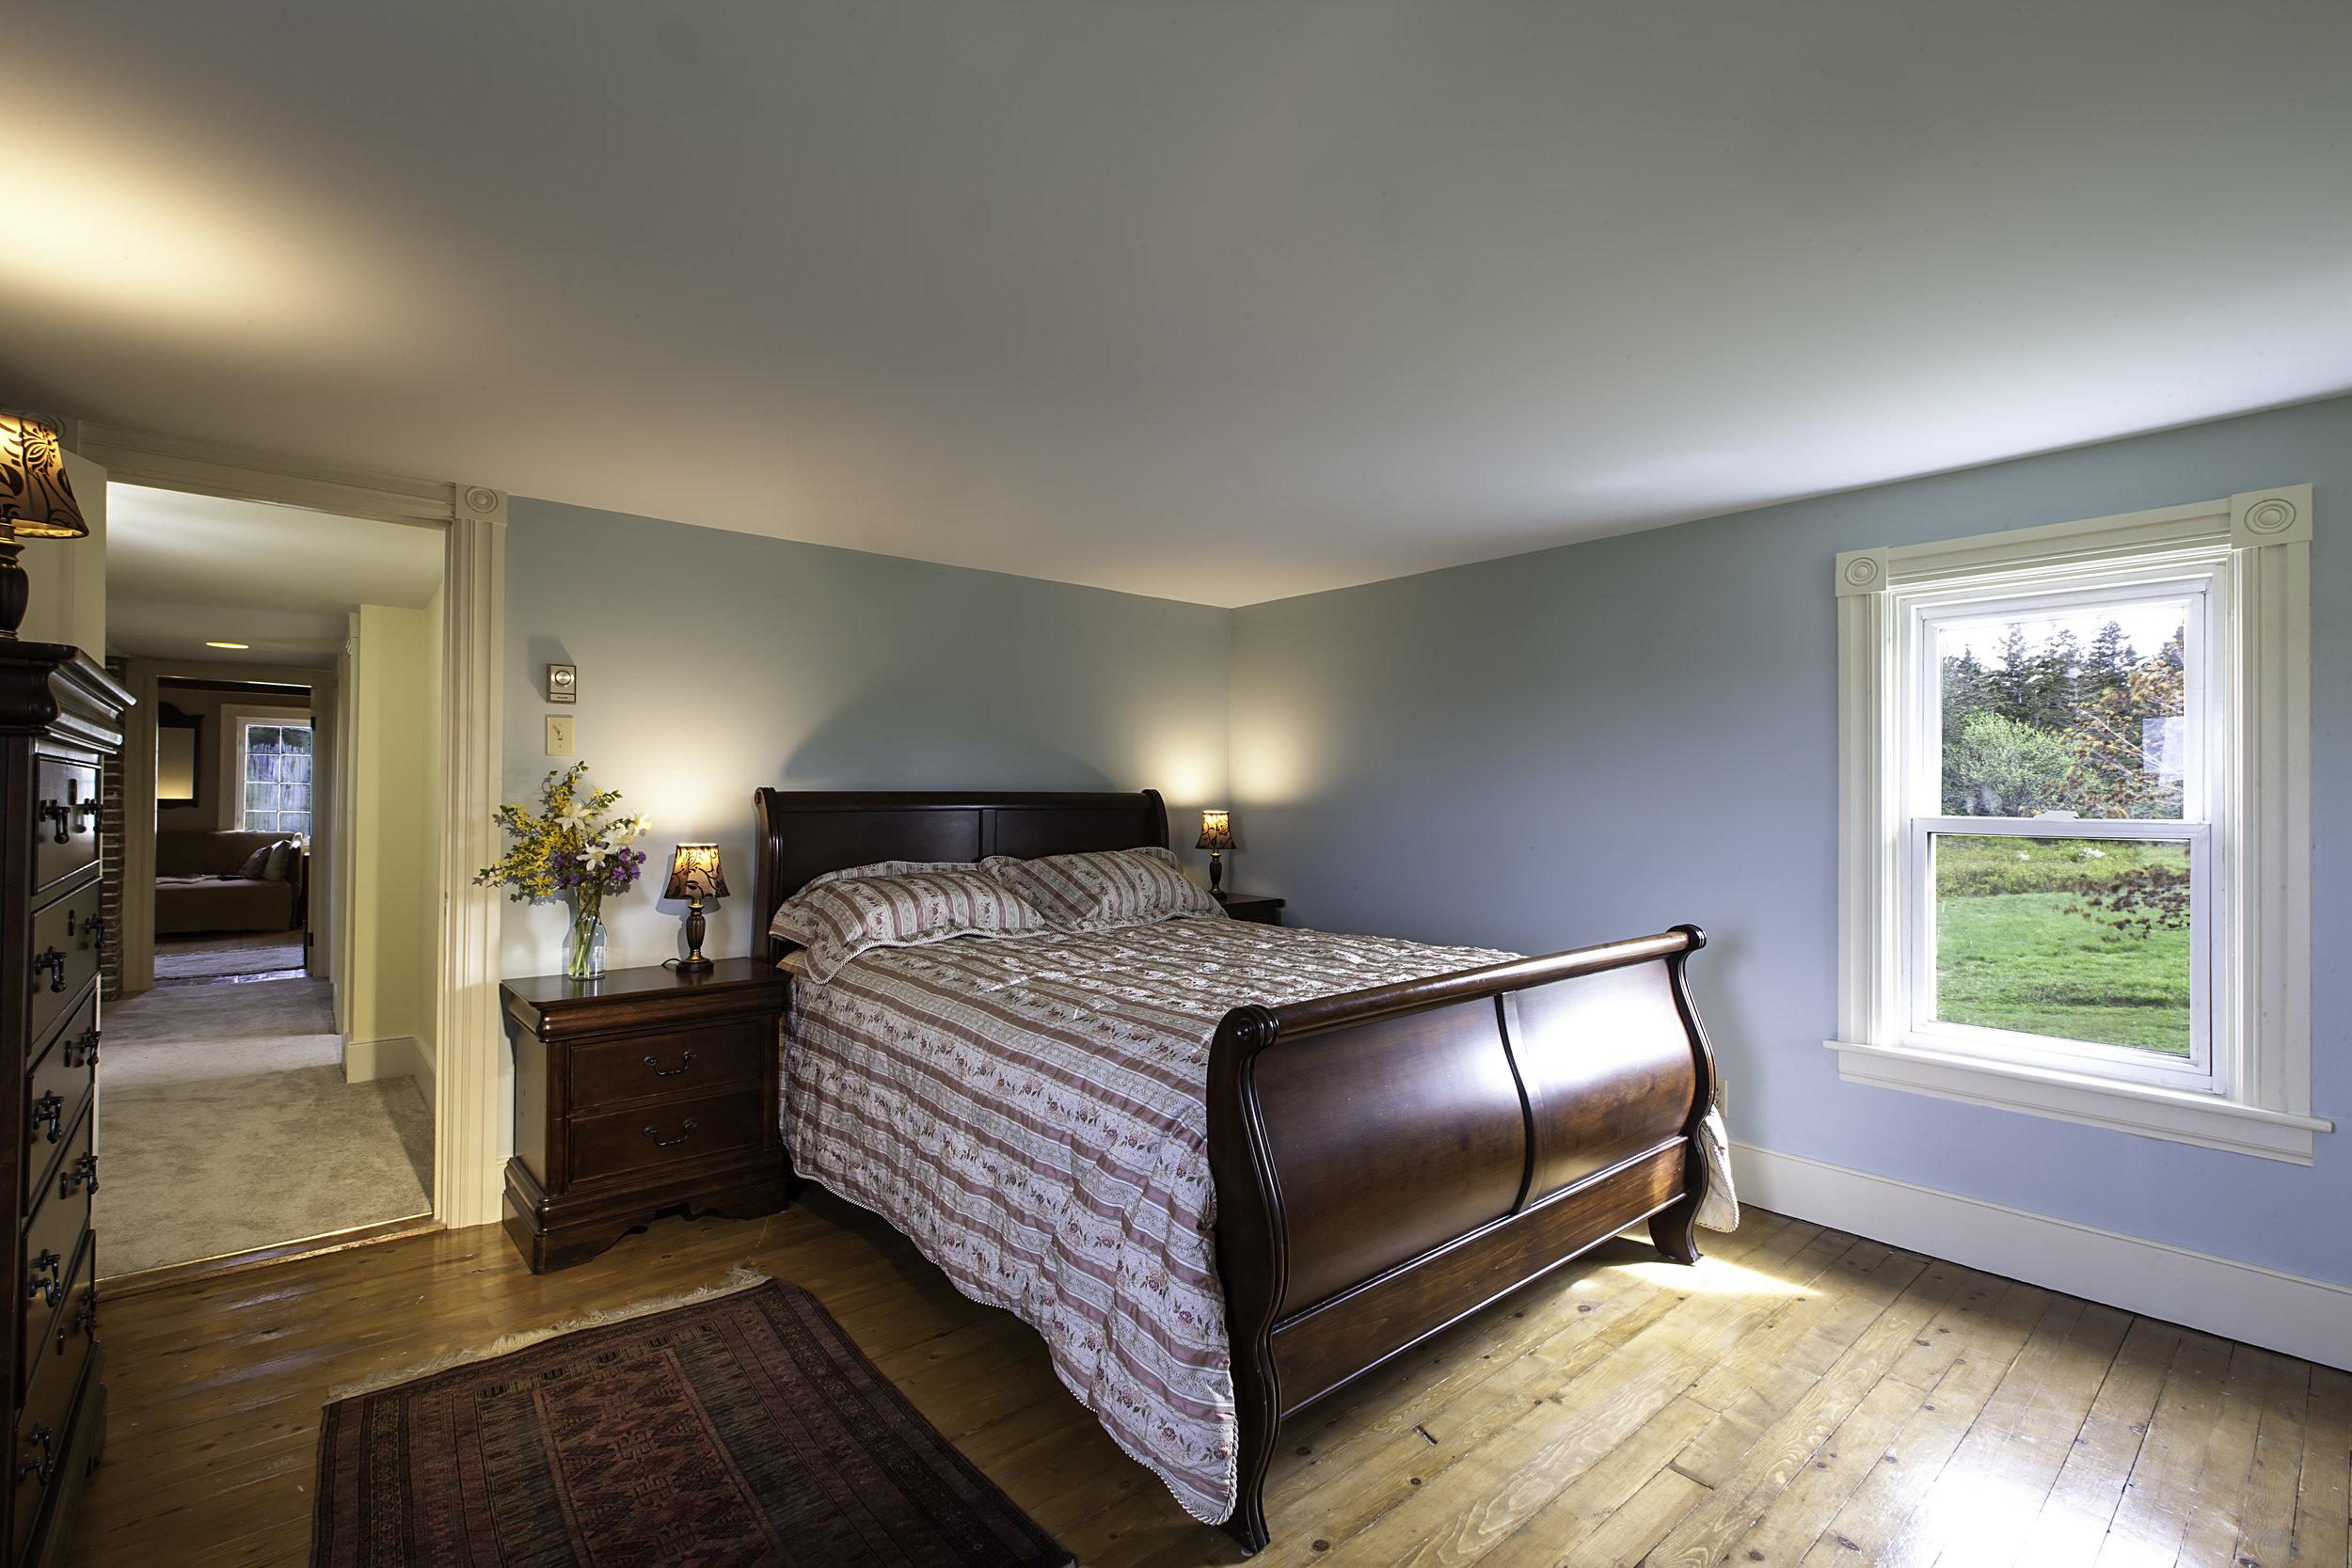 IMG_5293-Blue_Bedroom-2.jpg